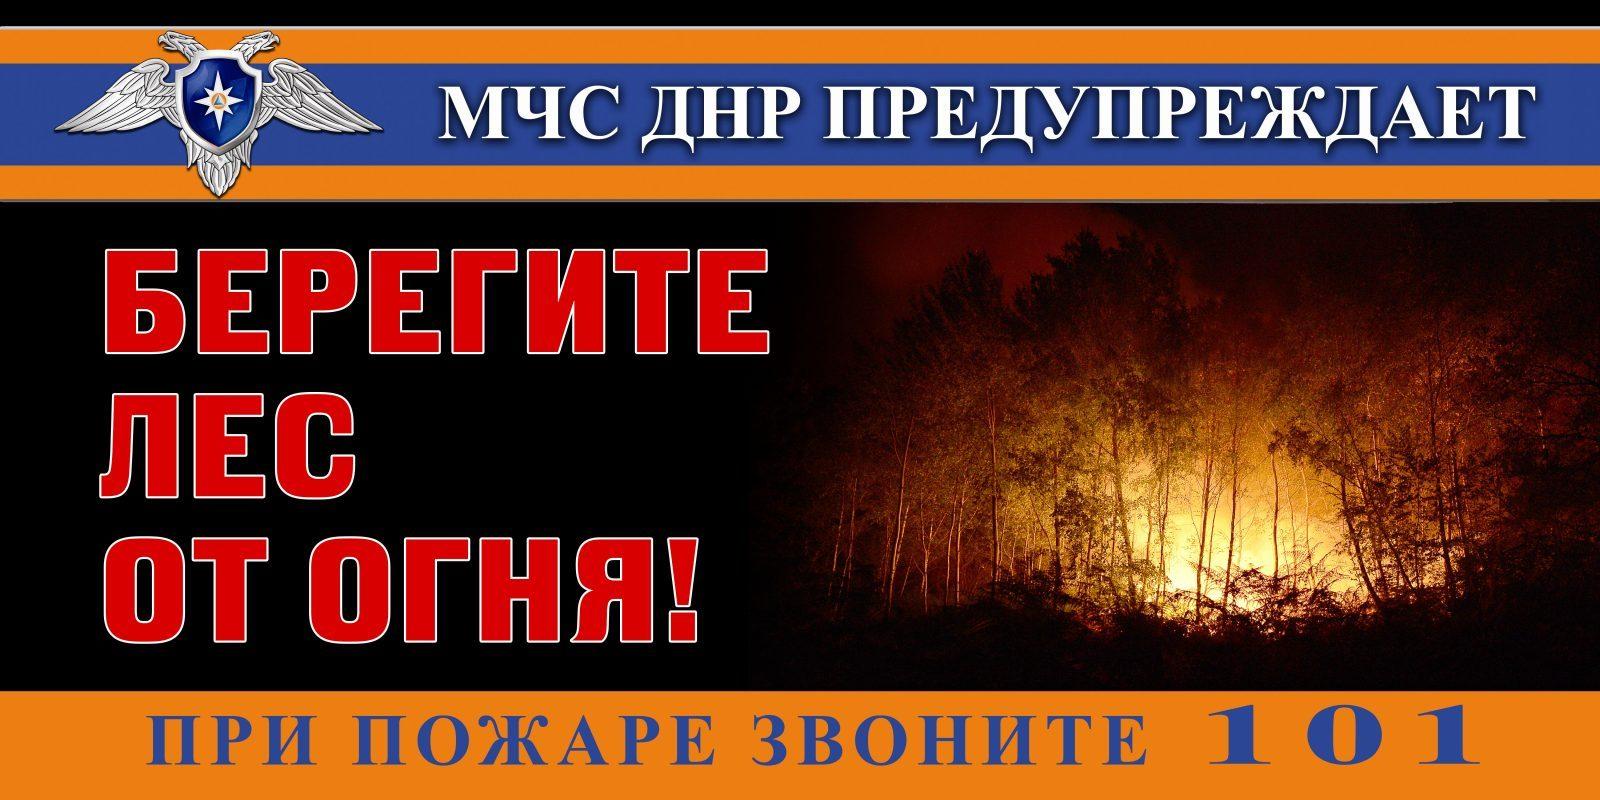 МЧС ДНР предупреждает